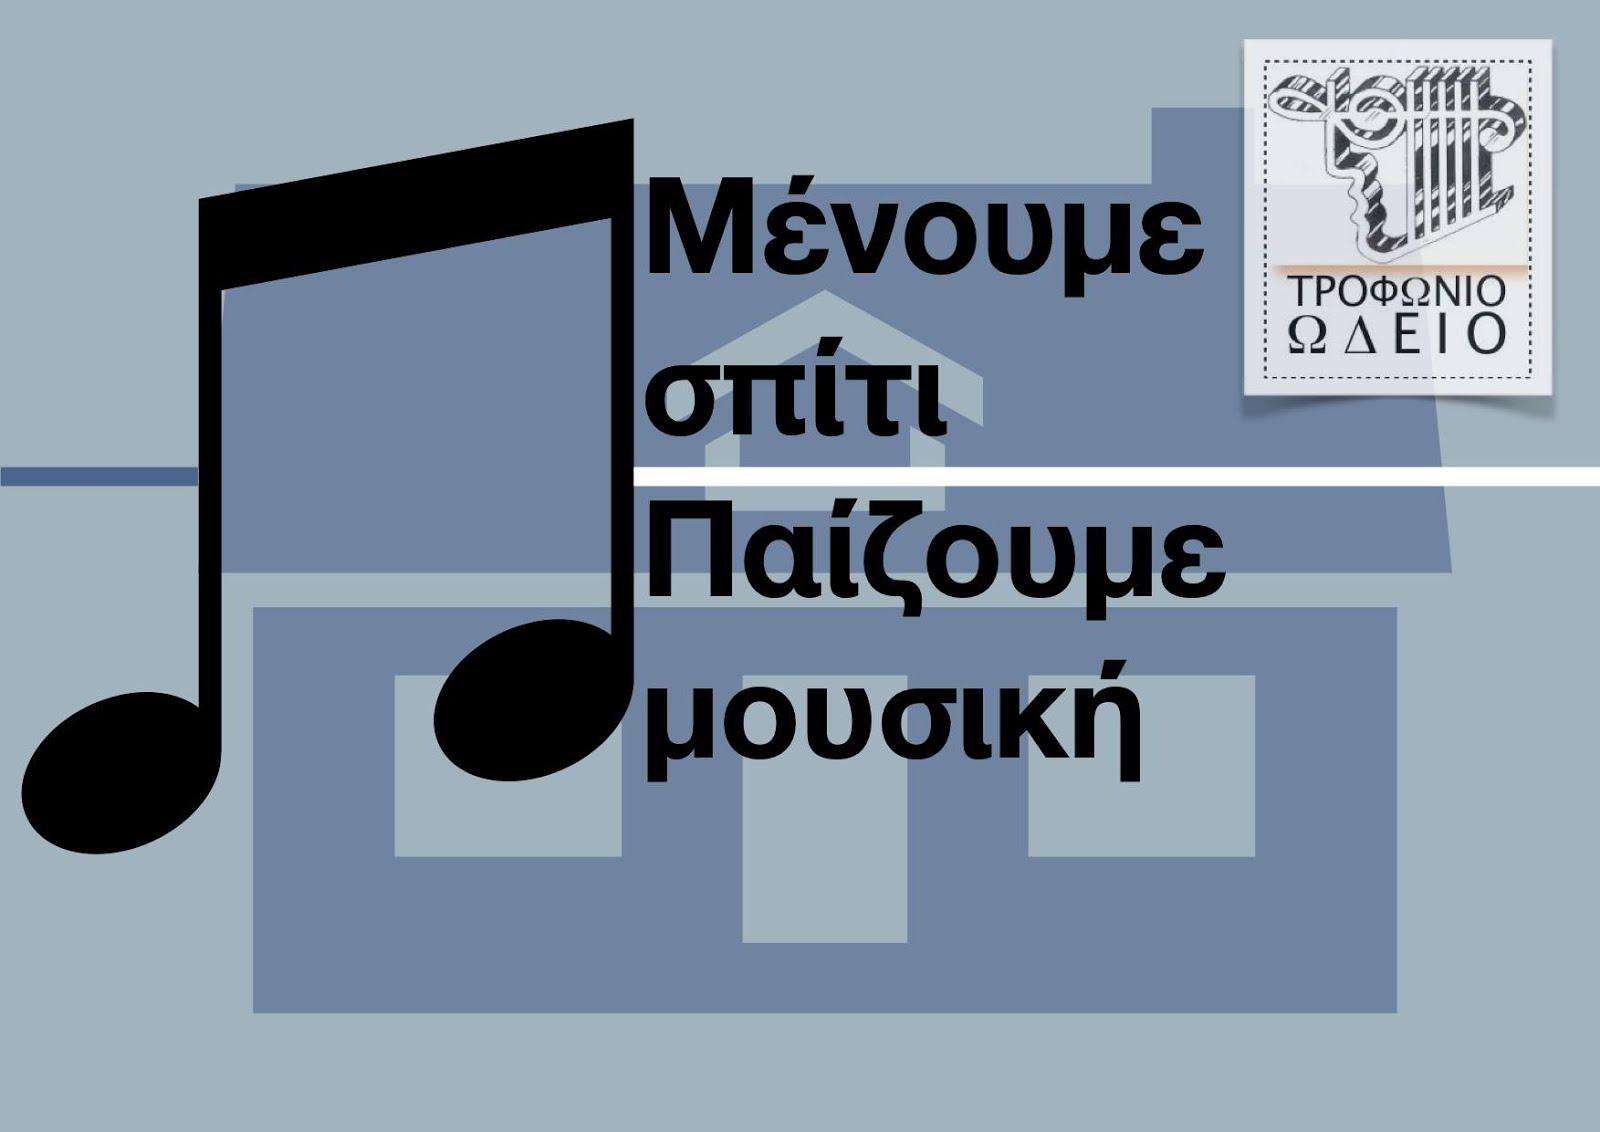 Μένουμε Σπίτι Παίζουμε Μουσική